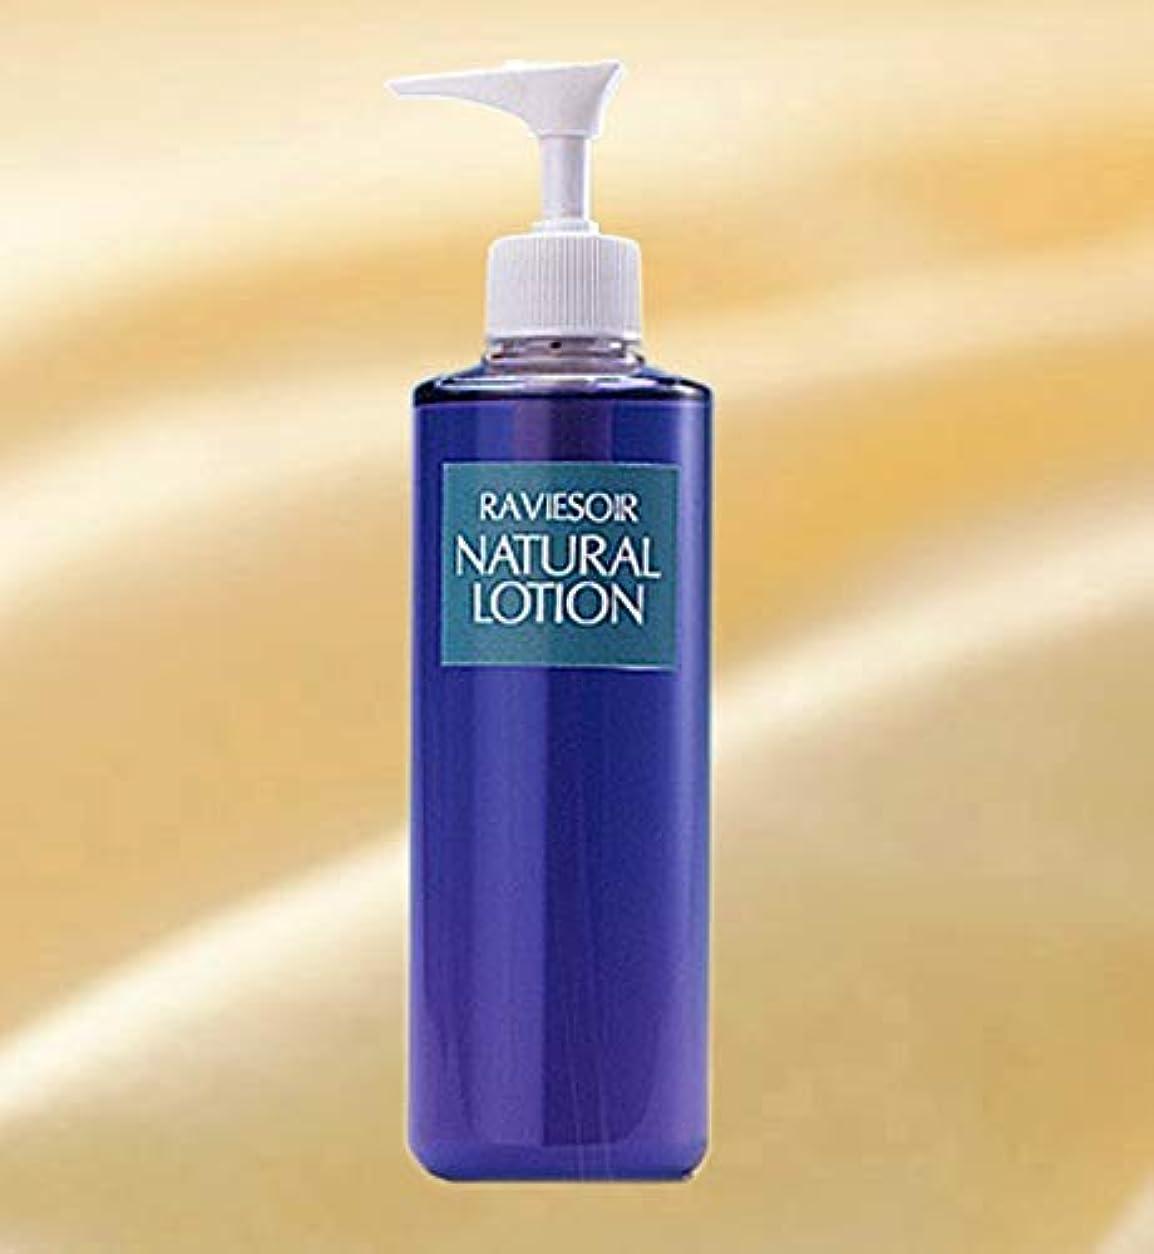 カラス落ち着いてピザラヴィソワール ナチュラルローション(250ml)Raviesoir Natural Lotion